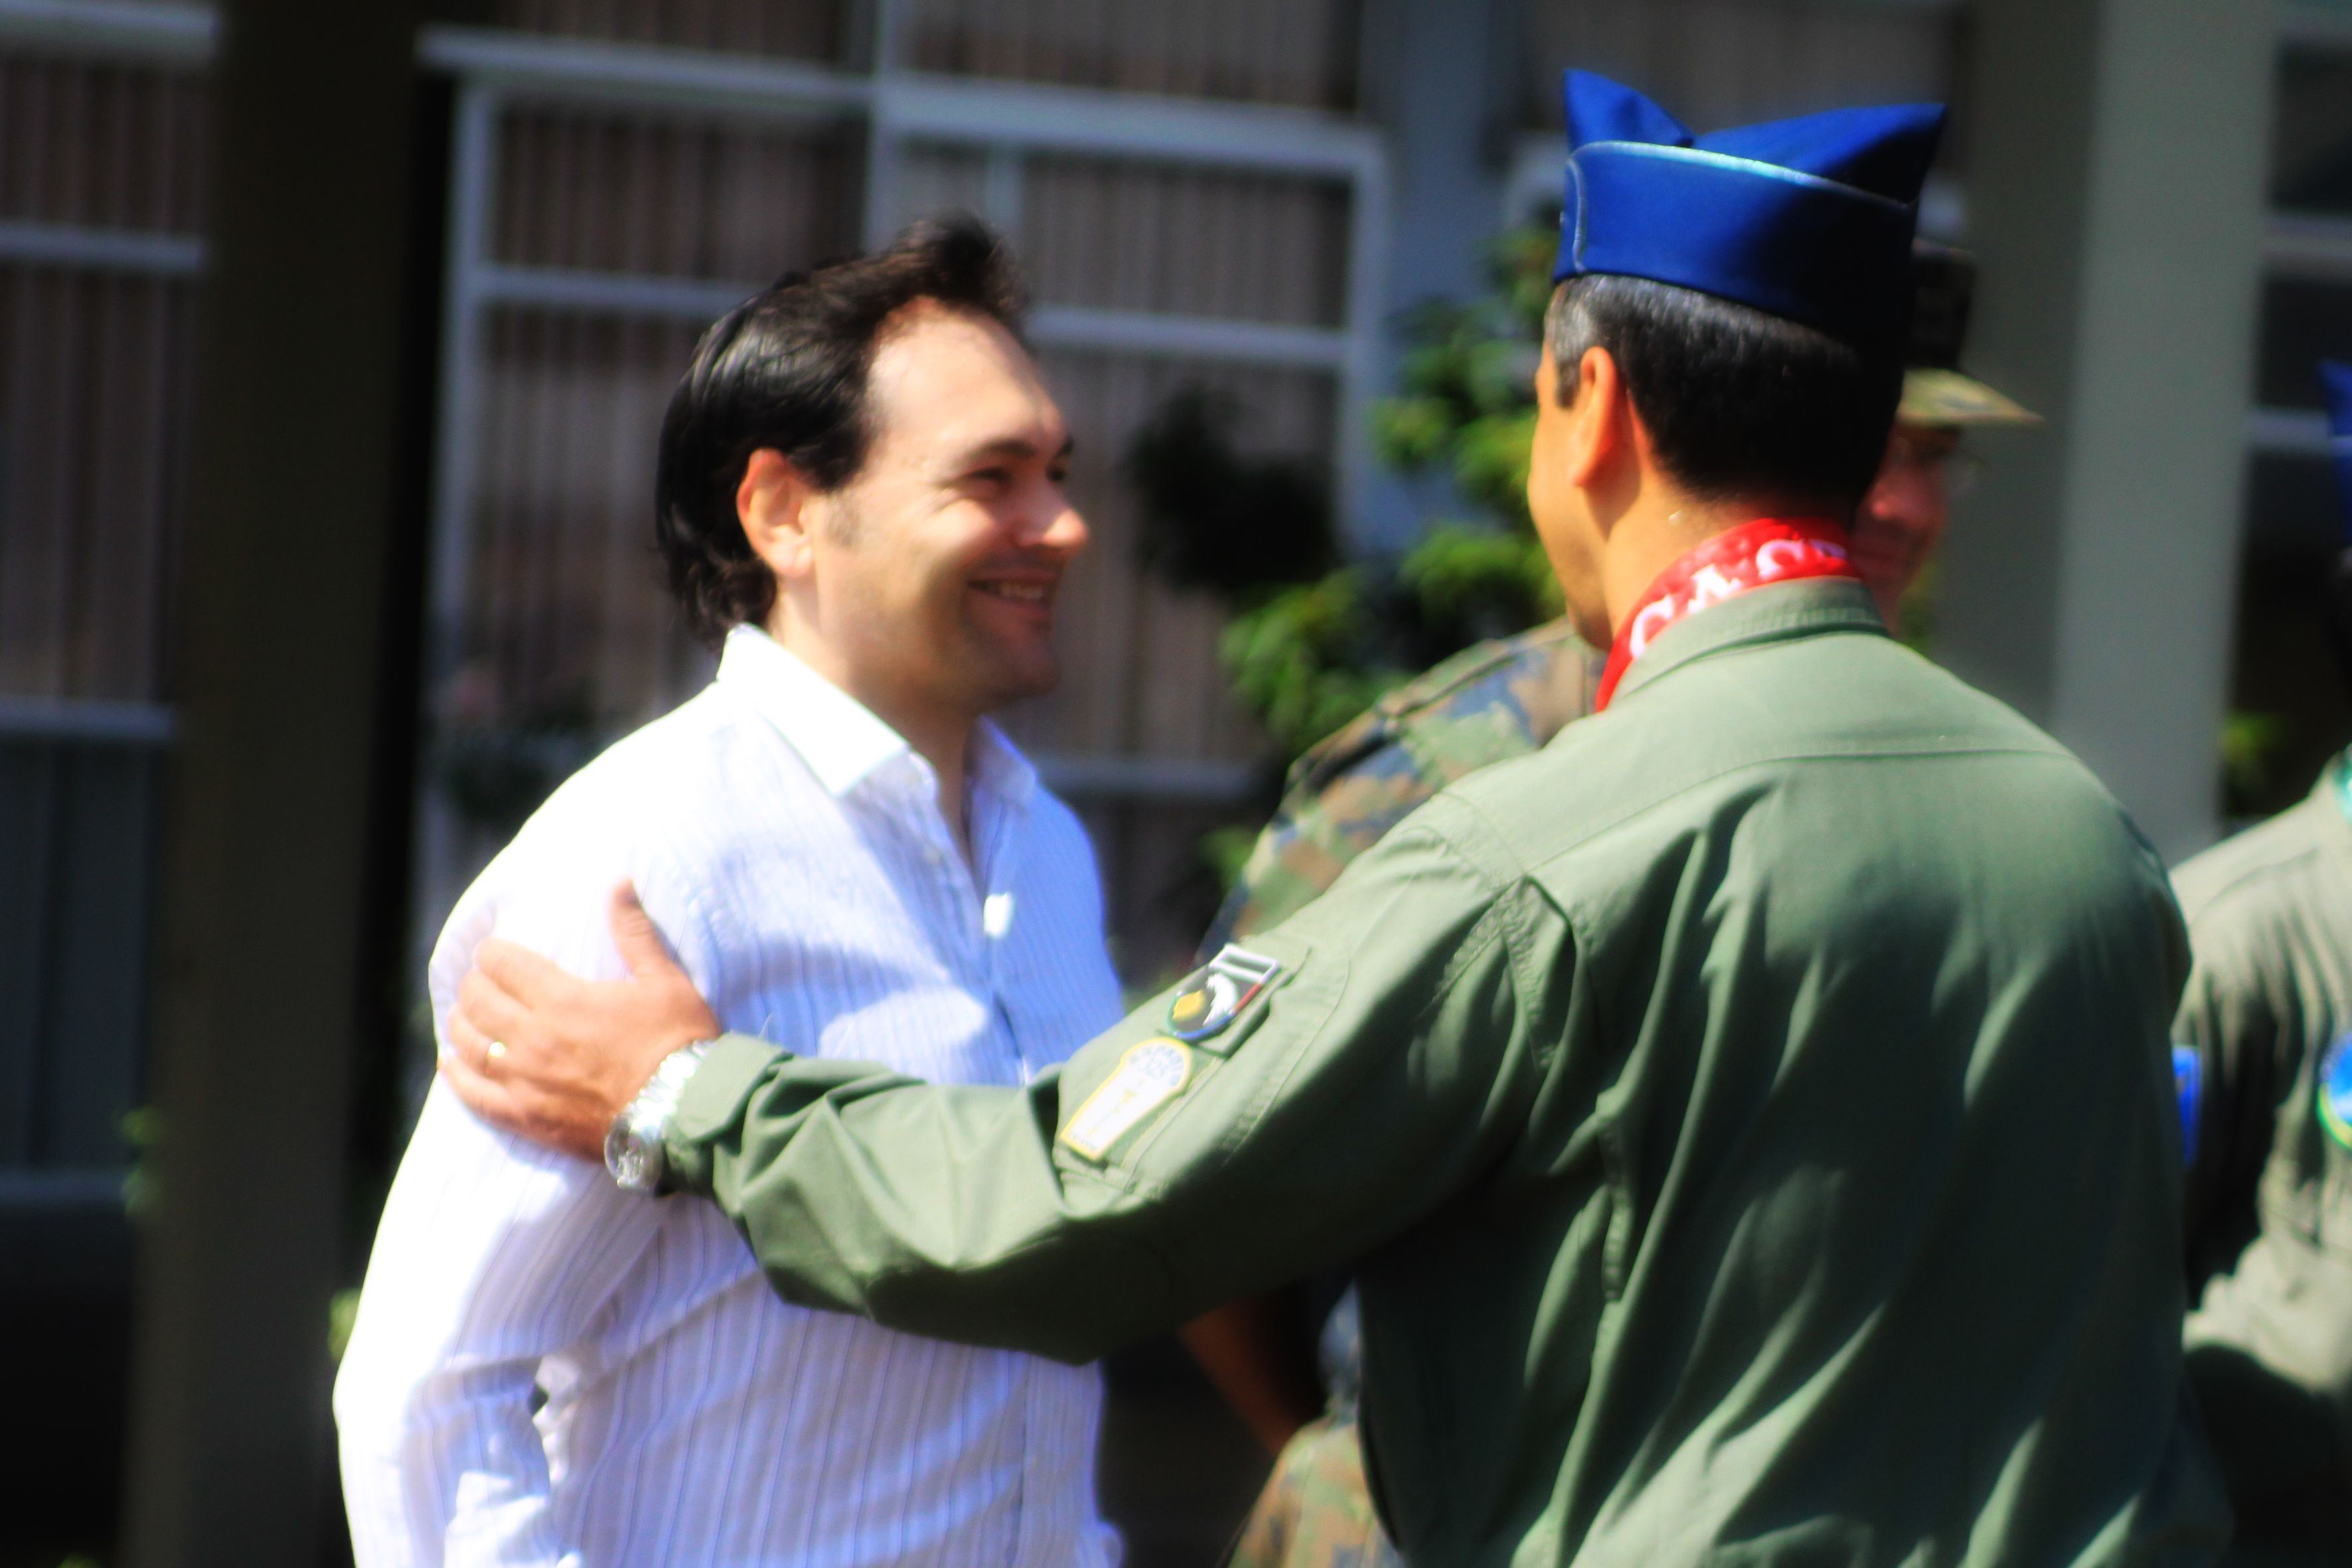 Recebendo os cumprimentos do Comandante da AFA - Excelentissimo Brig Ar CARLOS AUGUSTO AMARAL OLIVEI